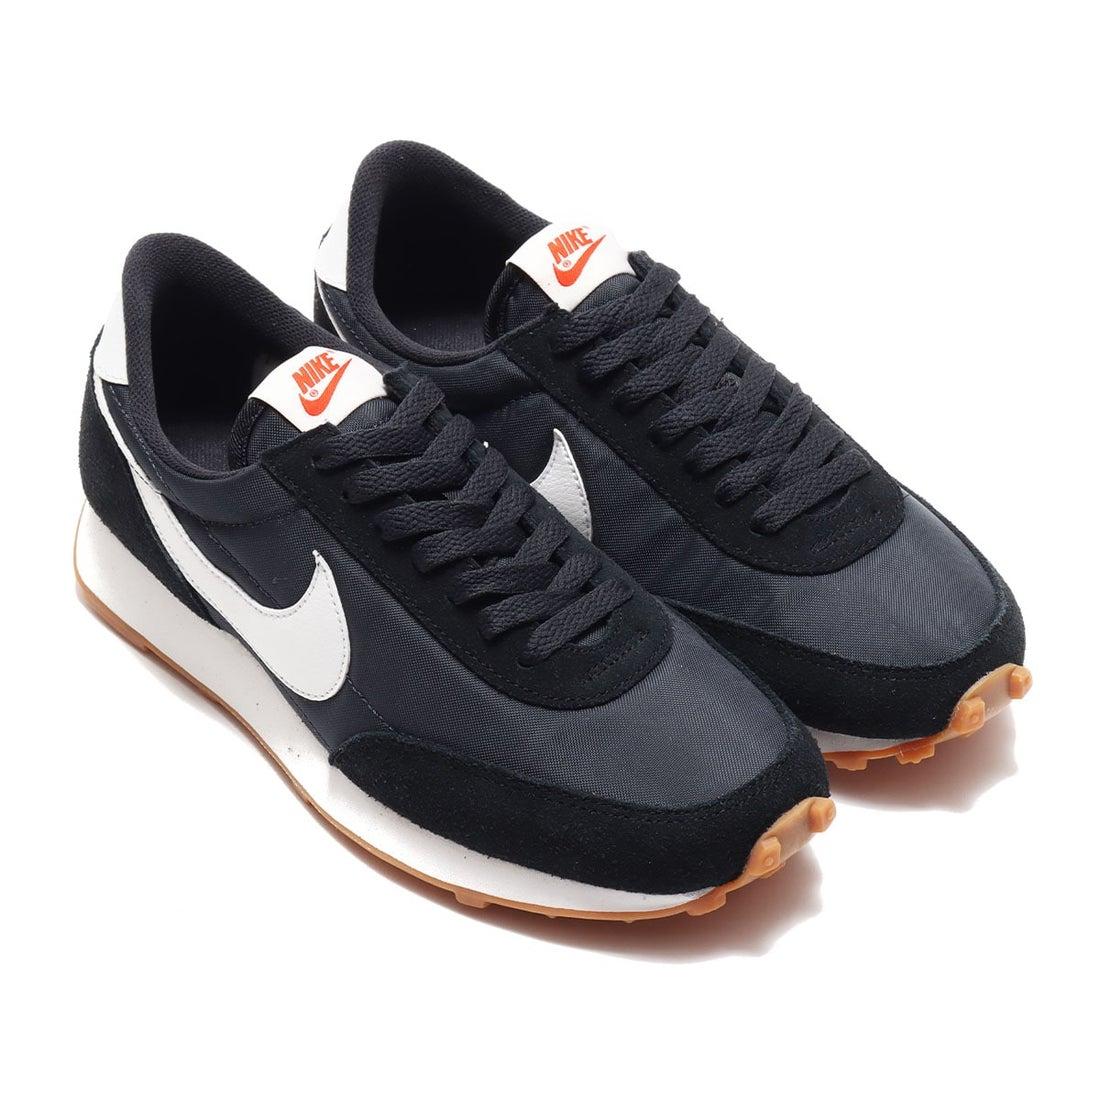 ロコンド 靴とファッションの通販サイトナイキ NIKE NIKE W DAYBREAK (BLACK)